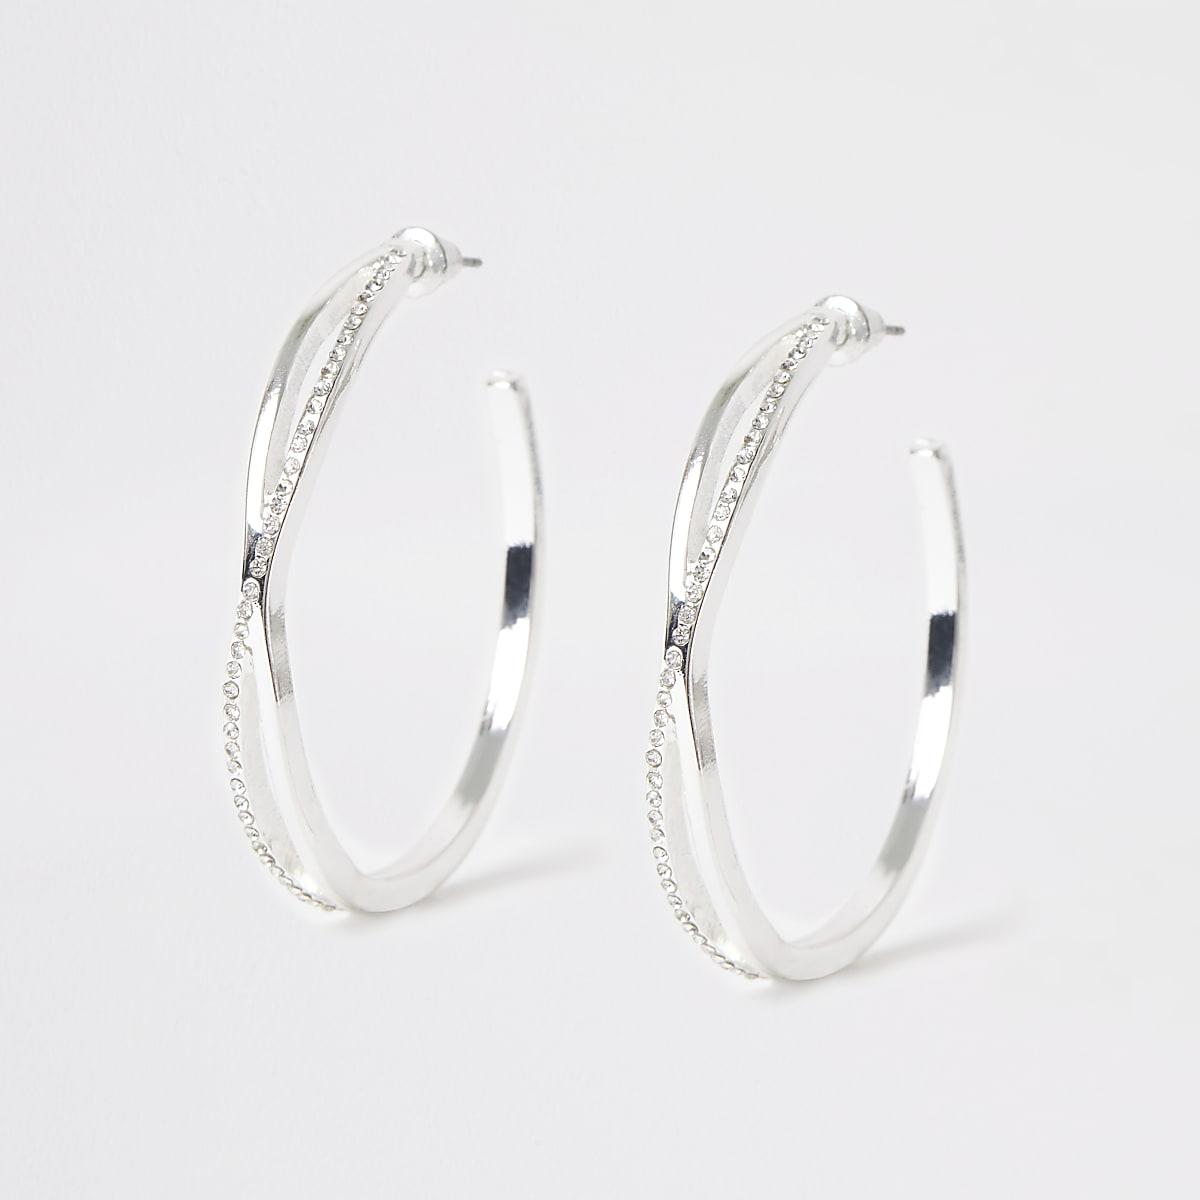 Silver color twist rhinestone hoop earrings